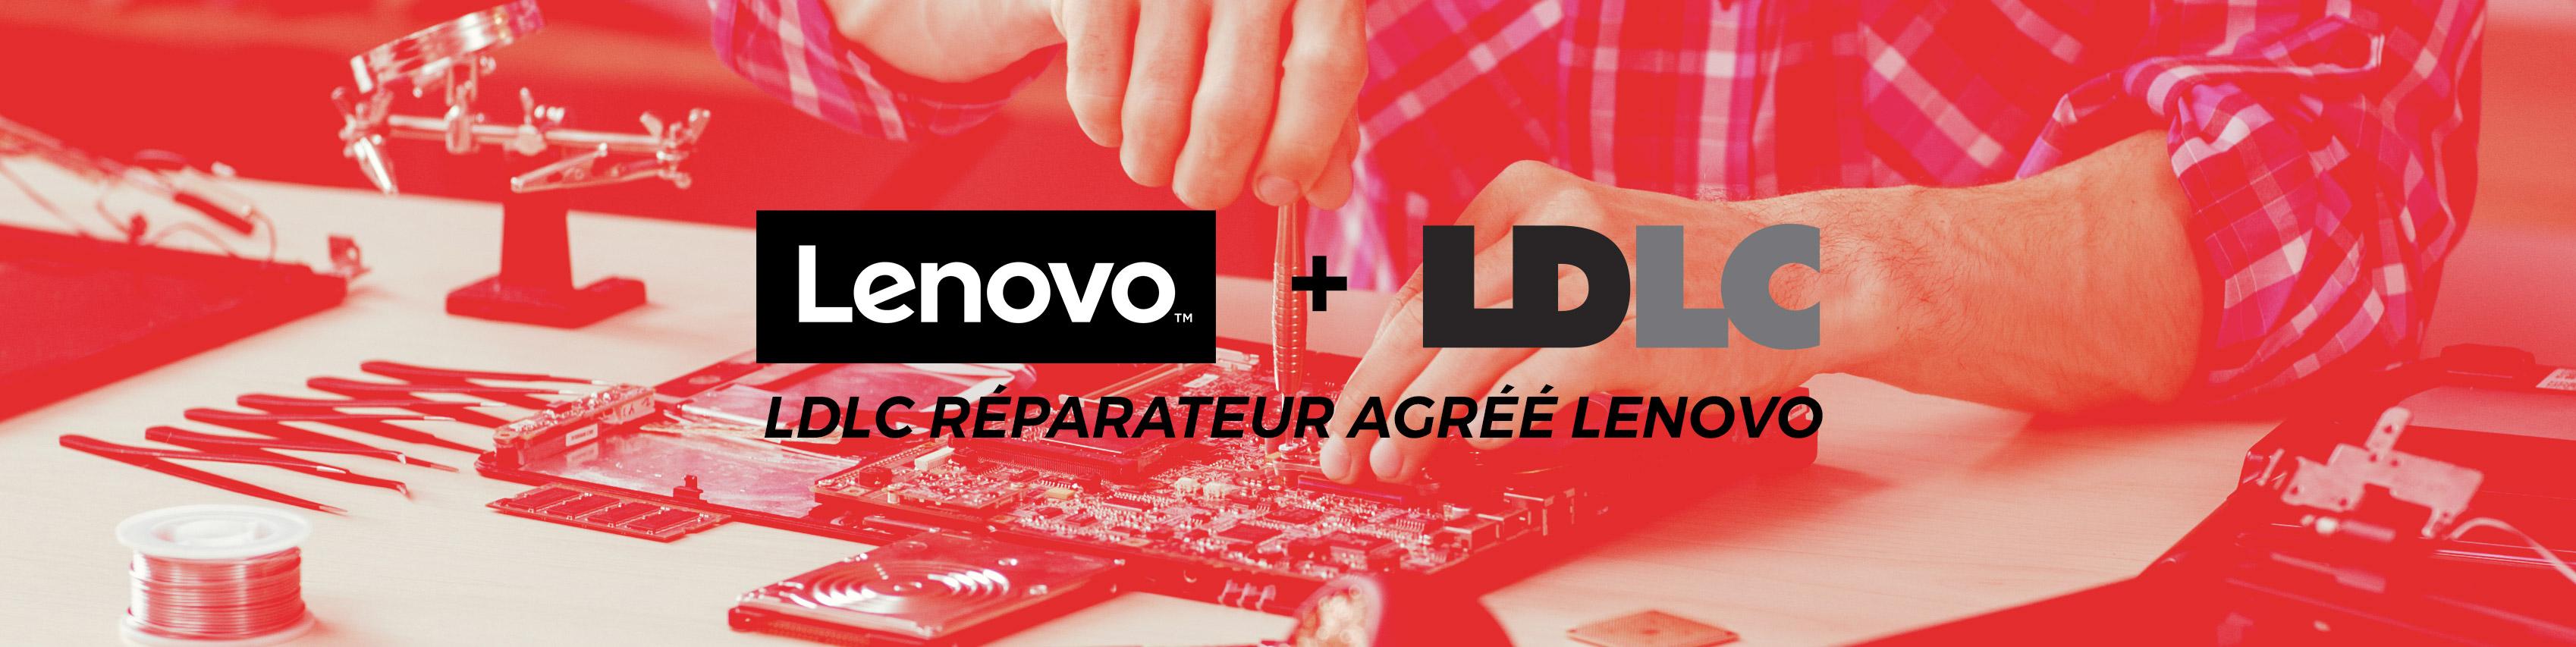 LDLC réparateur agréé Lenovo